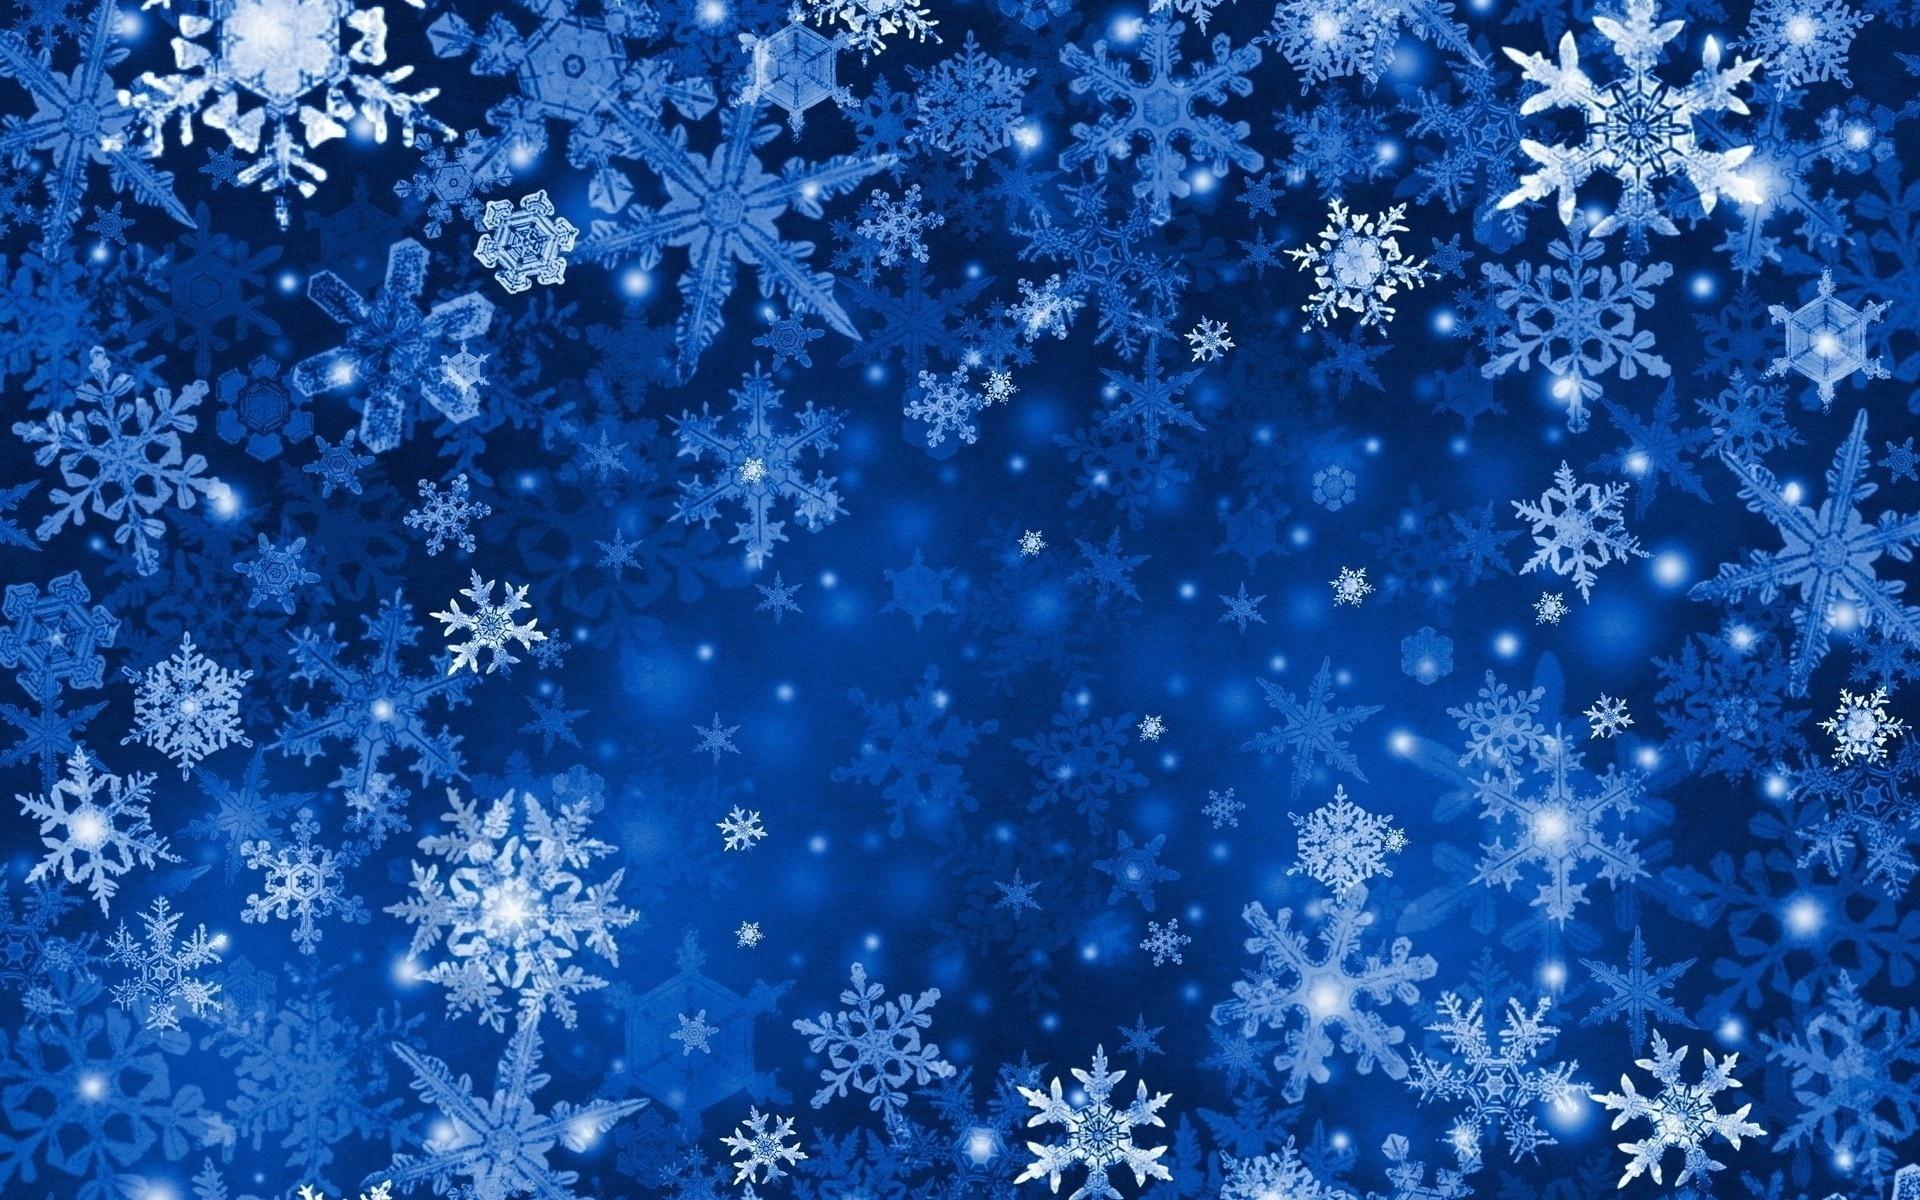 рождество, новый год, снег, снежинки, голубой, синий, текстура